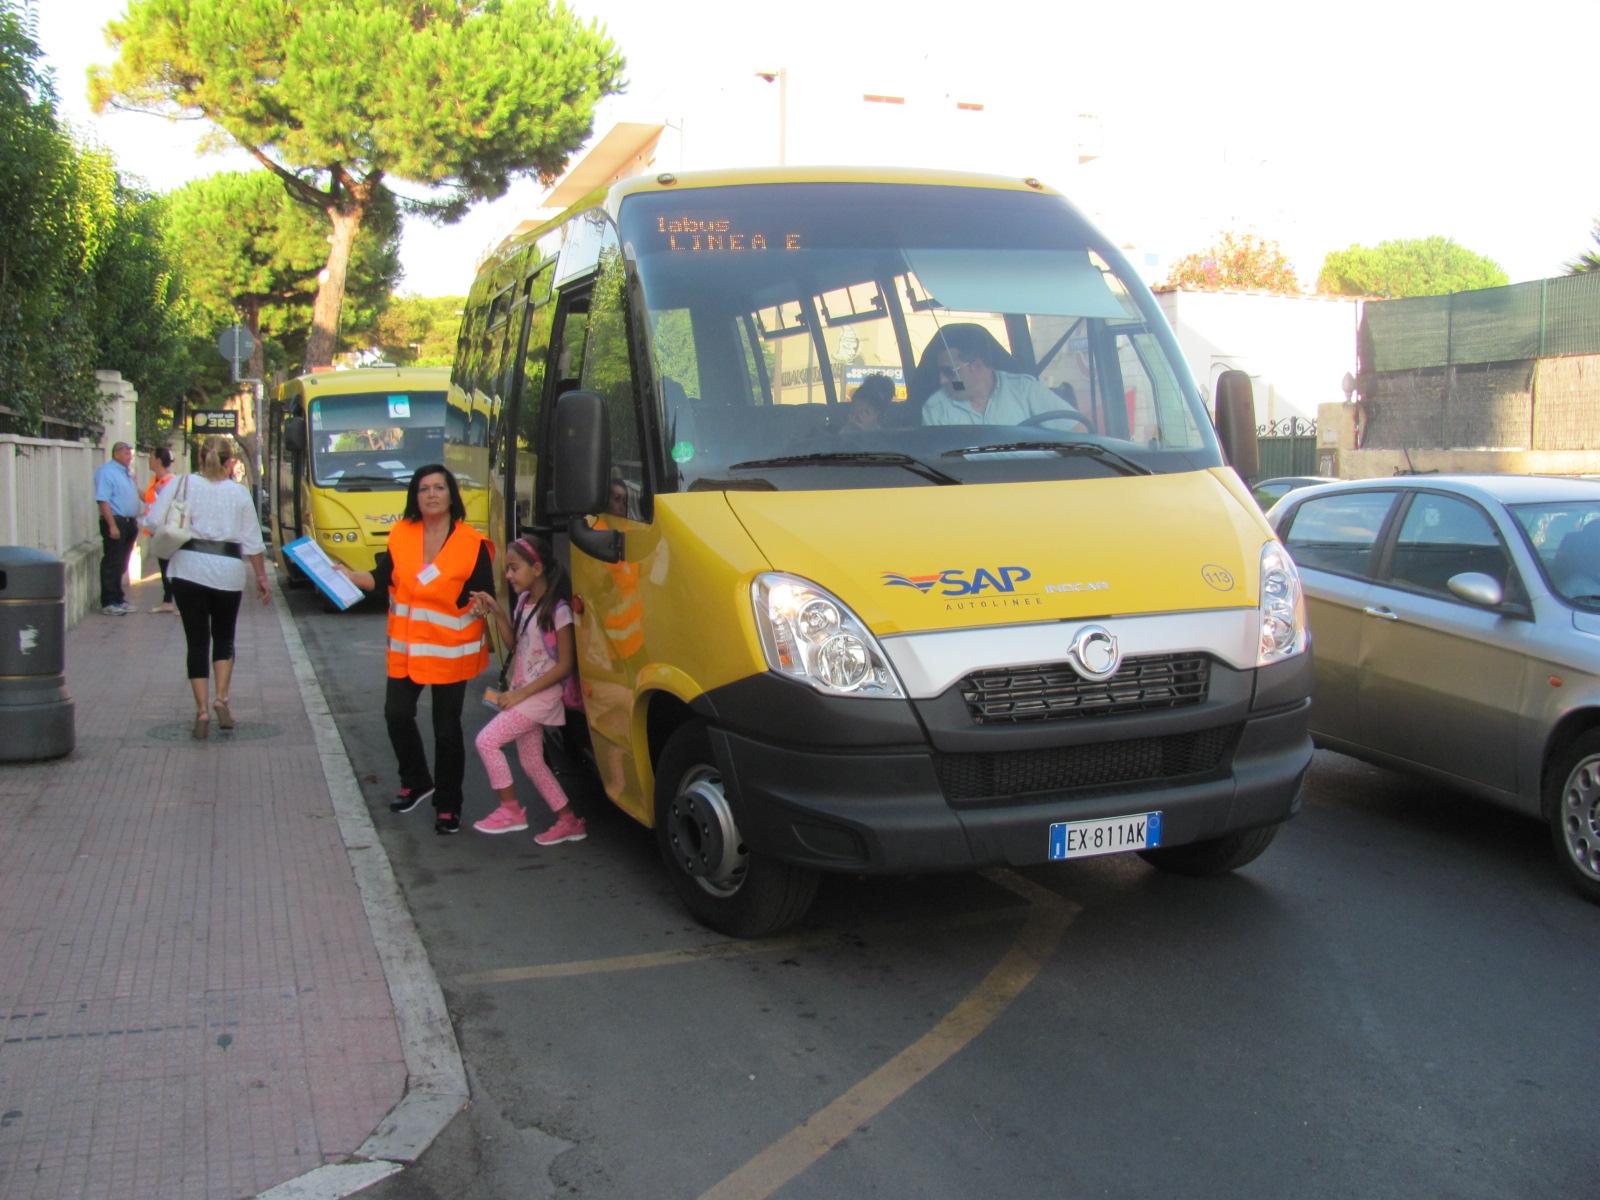 Scuolabus: il servizio ripartirà dal 15 ottobre per l'anno scolastico 2018/2019